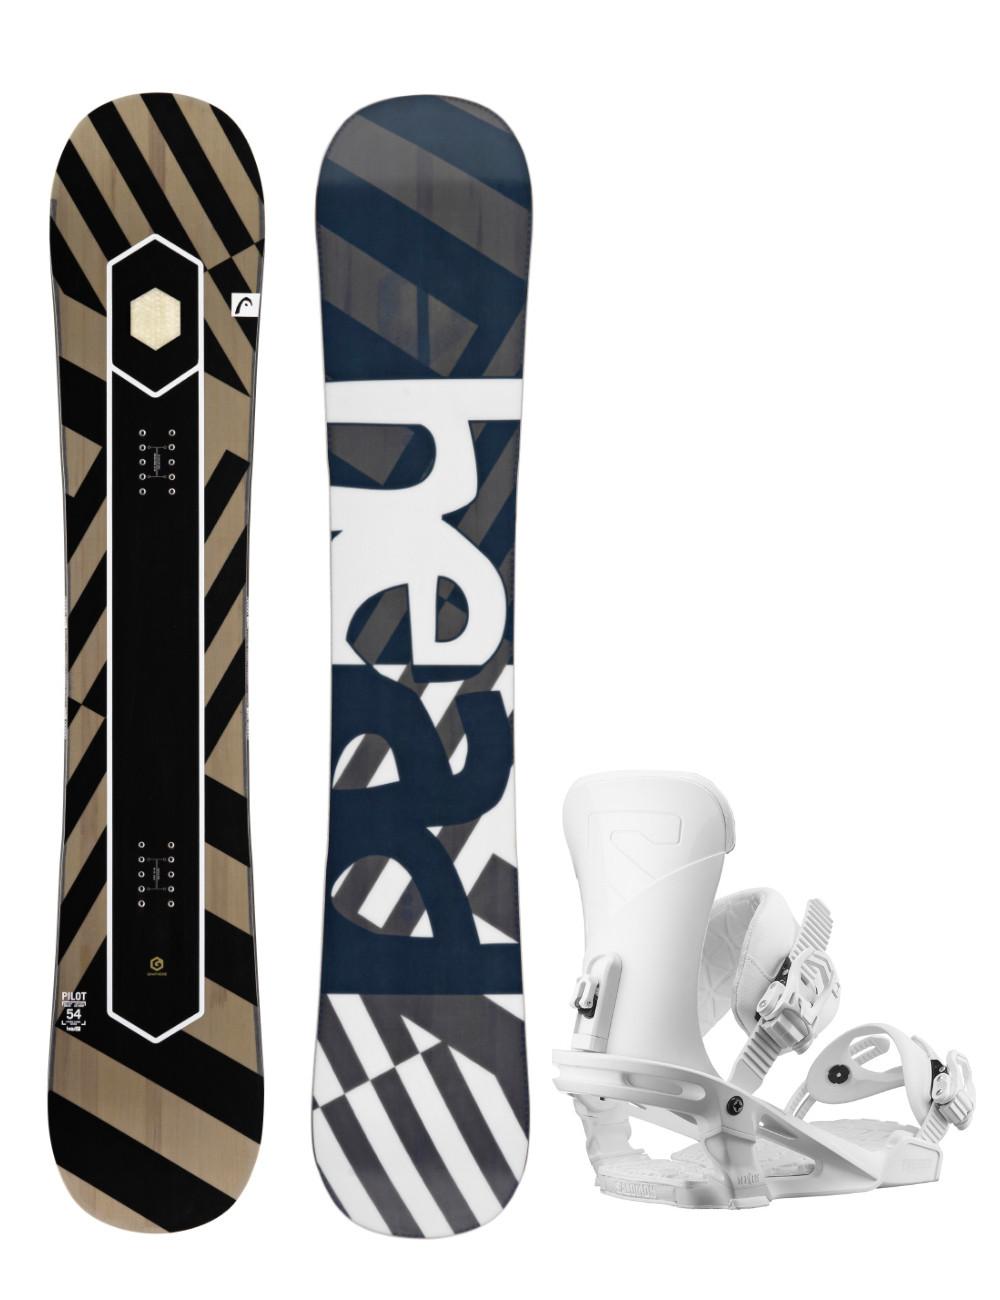 Salomon White New Super 8 Snowboard | REMOVED | Snowboarding